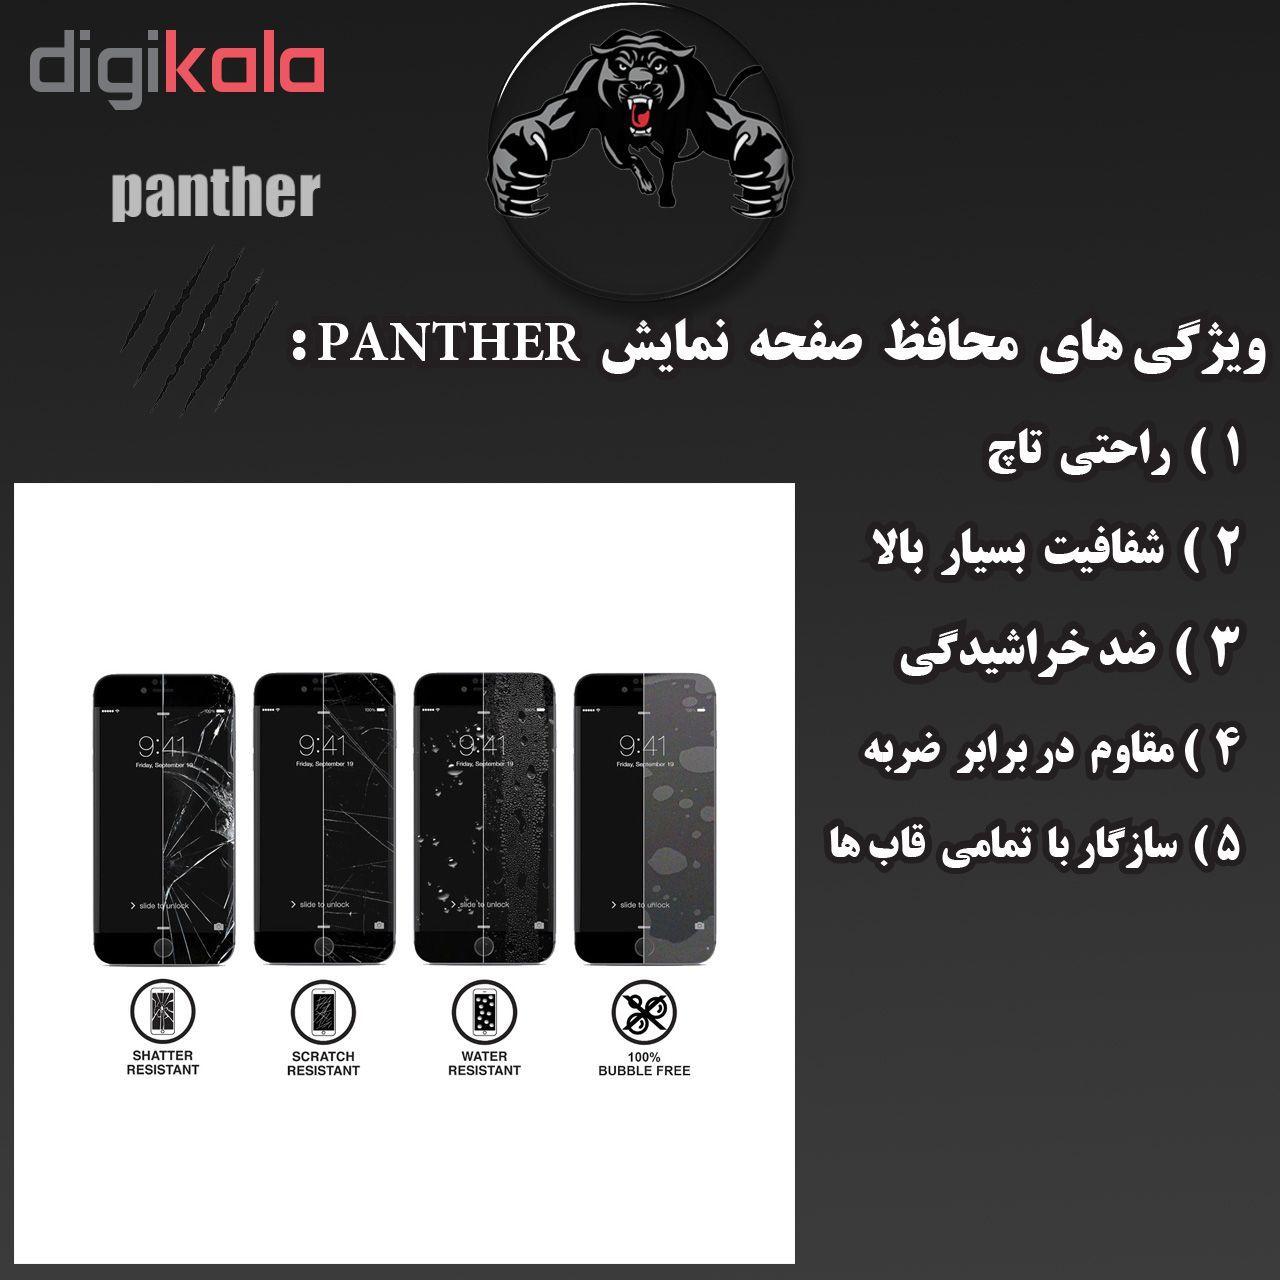 محافظ صفحه نمایش مات پنتر مدل PFG-017 مناسب برای گوشی موبایل اپل iPhone 6 Plus / 6s Plus main 1 9